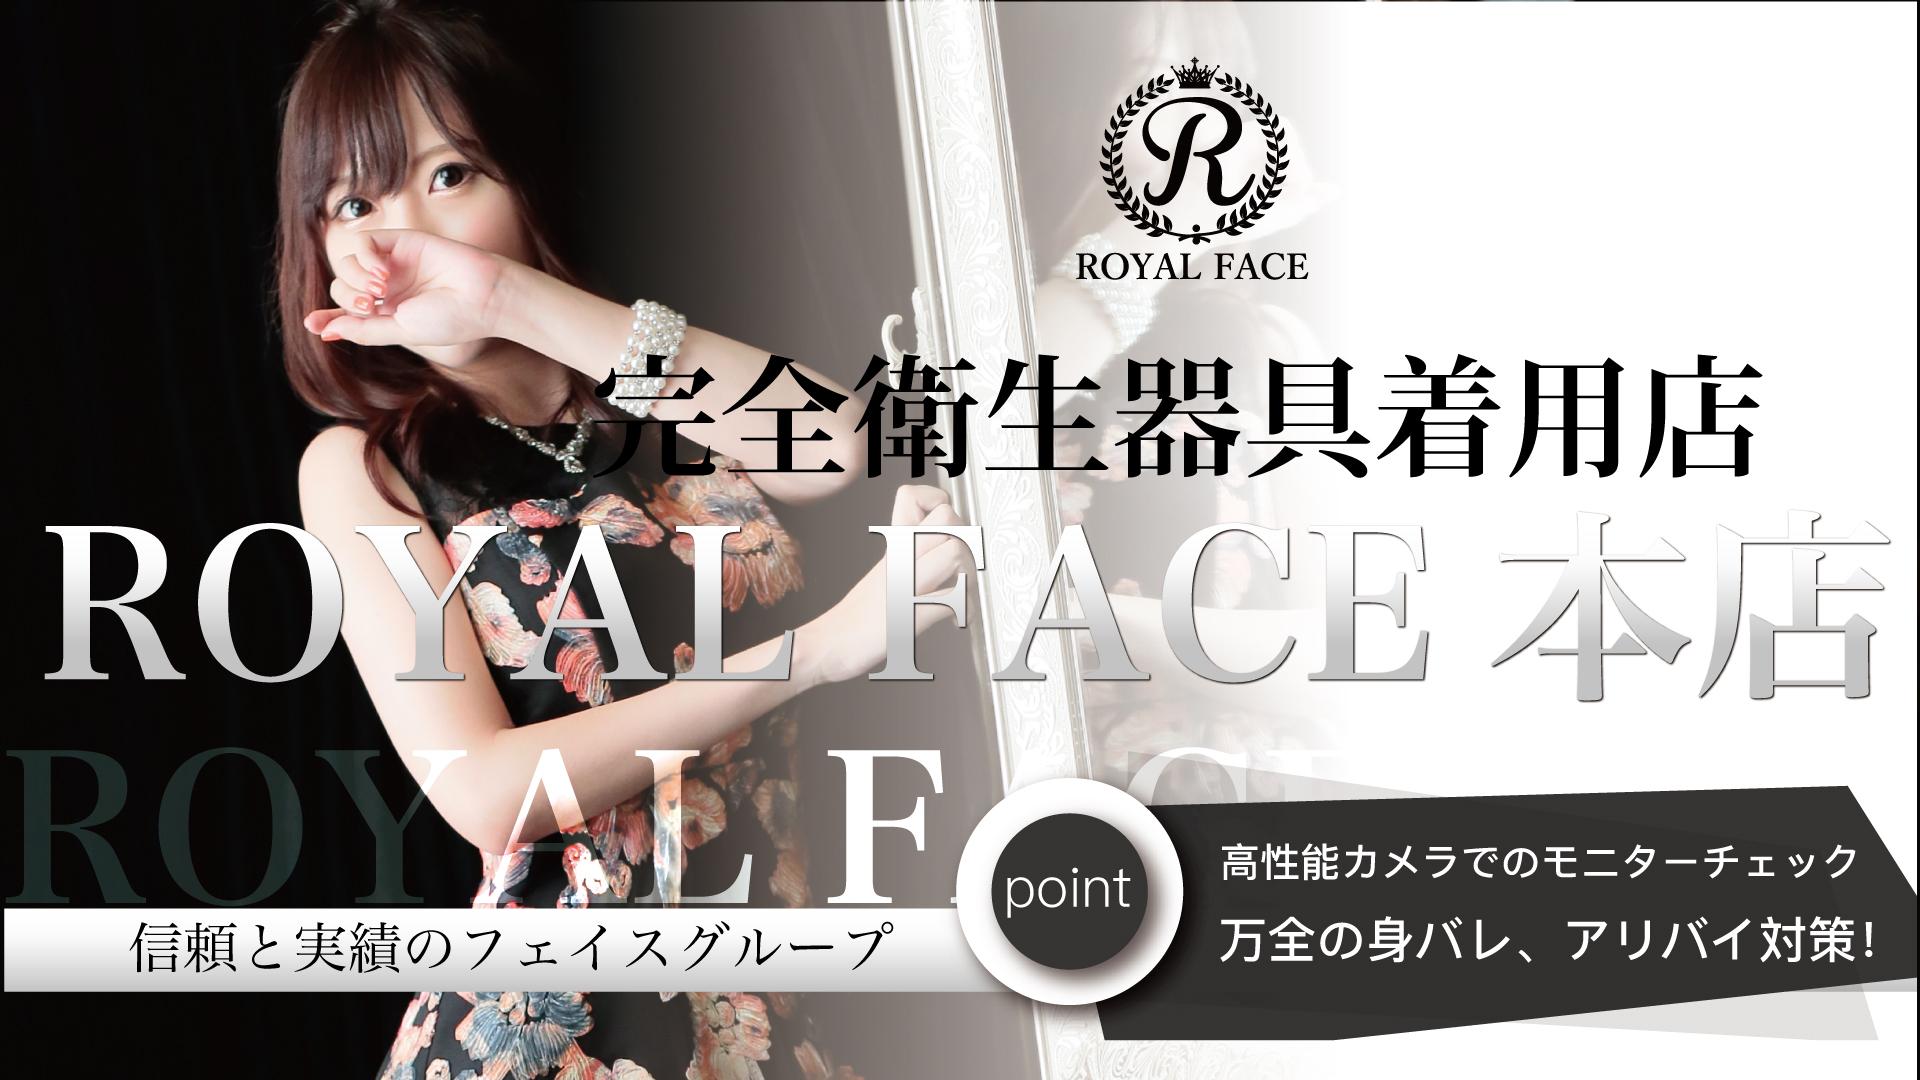 ROYAL FACE